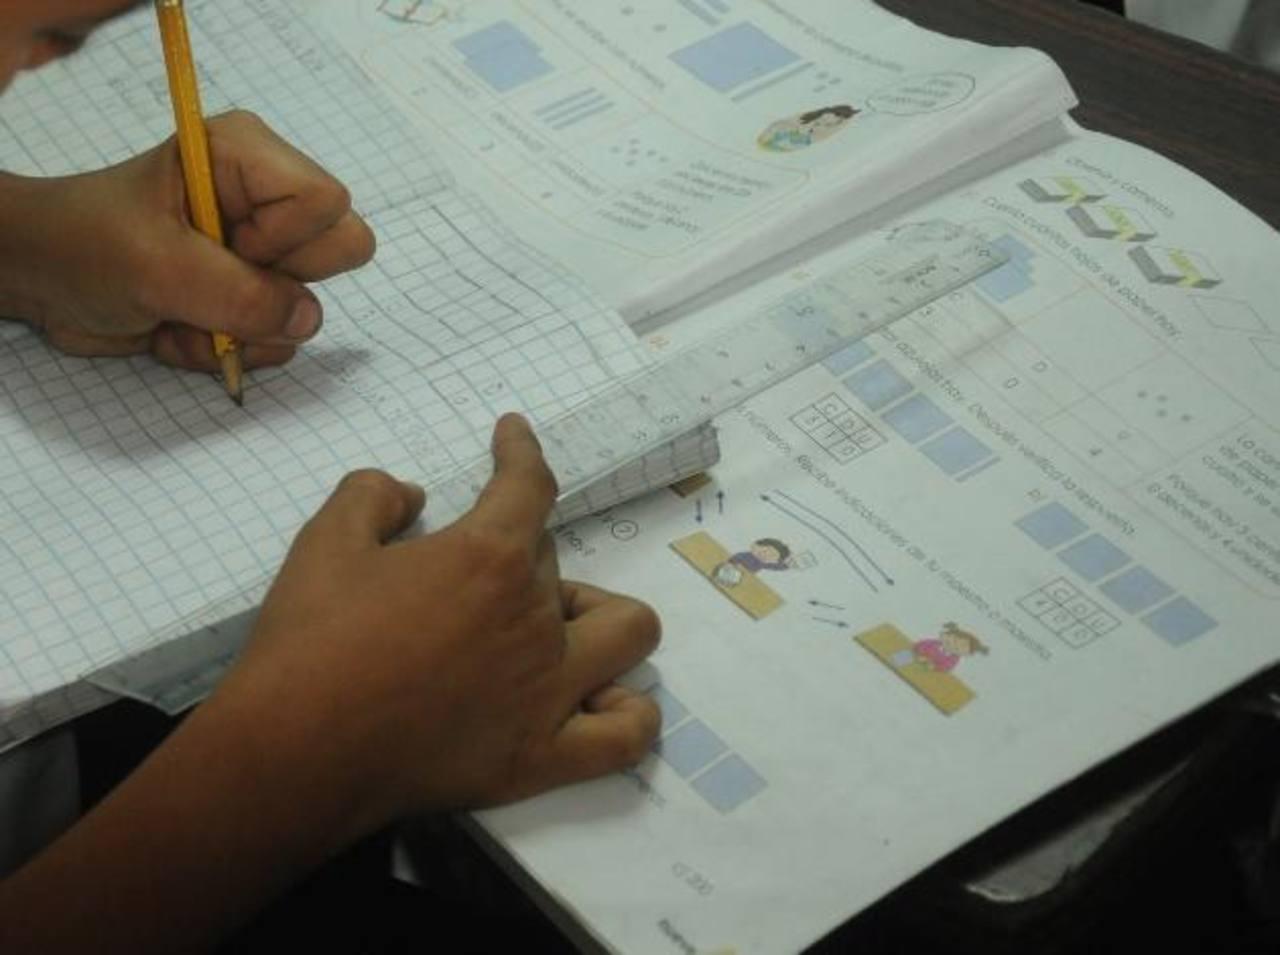 La falta de recursos para trabajar en las aulas, la mala actitud de los estudiantes y los problemas de violencia son algunas de las cosas que frenan la calidad educativa. Foto EDH / ARCHIVO